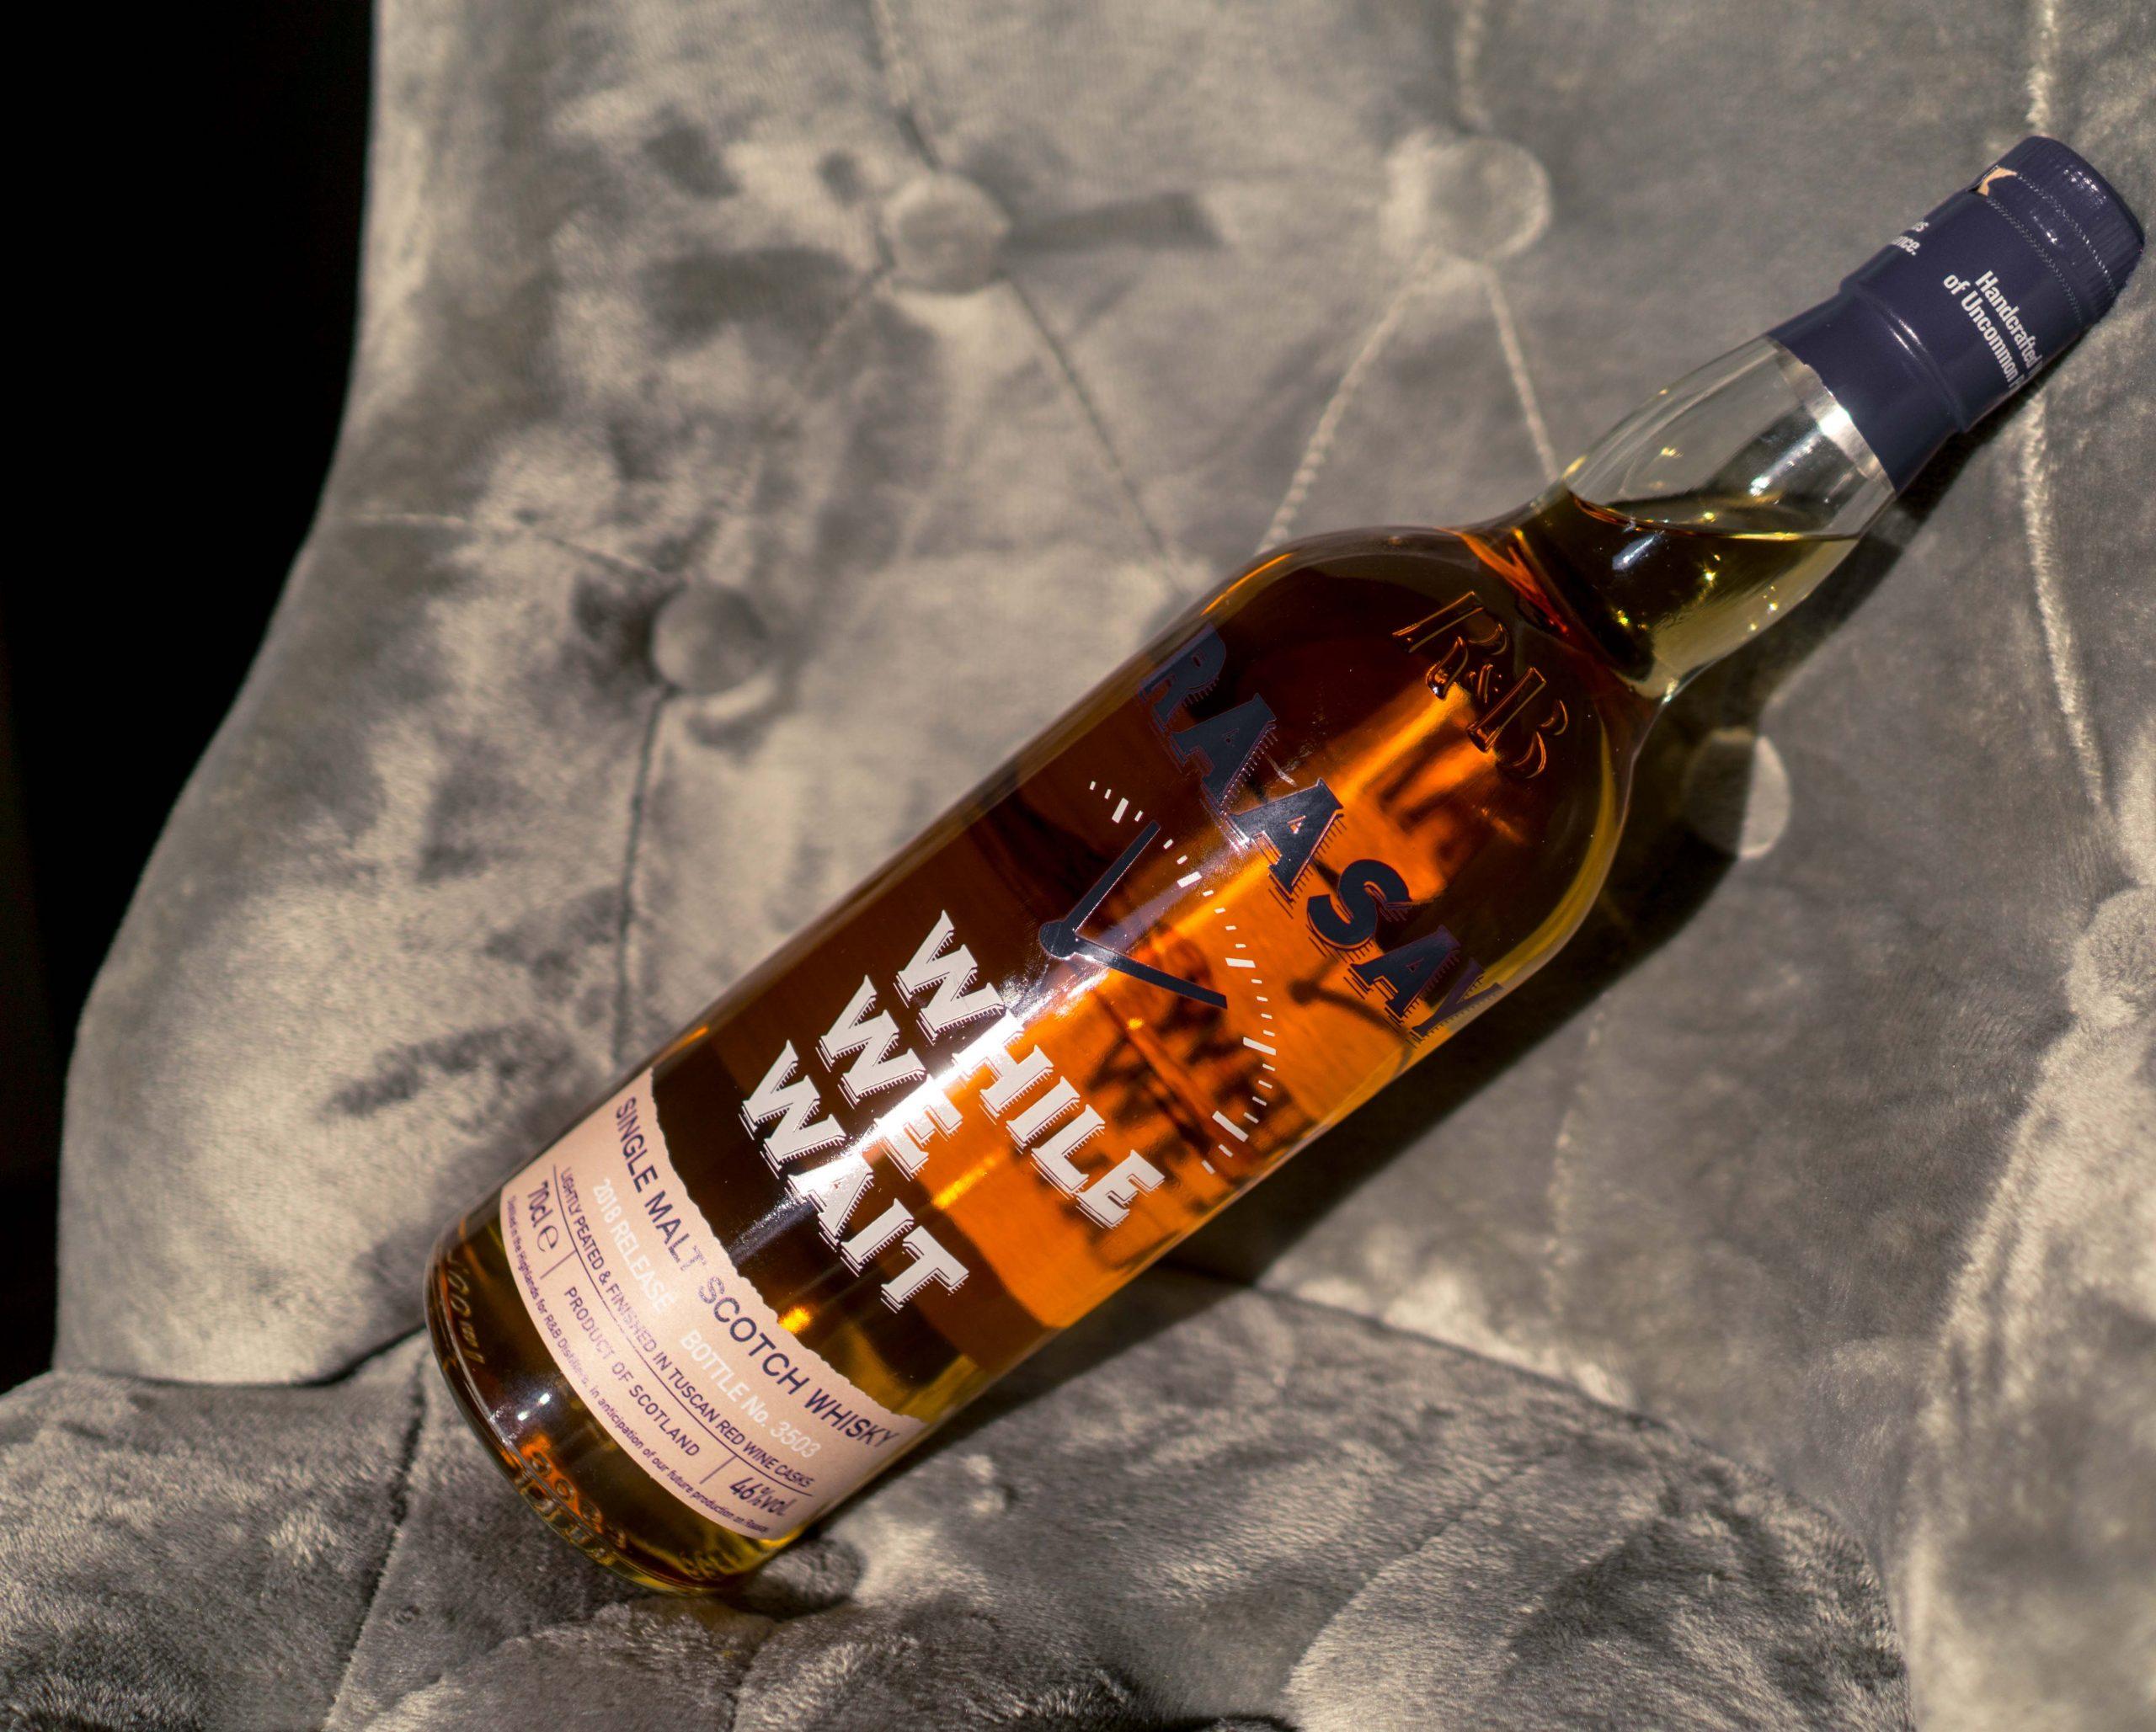 Raasay While We Wait single malt Scotch whisky